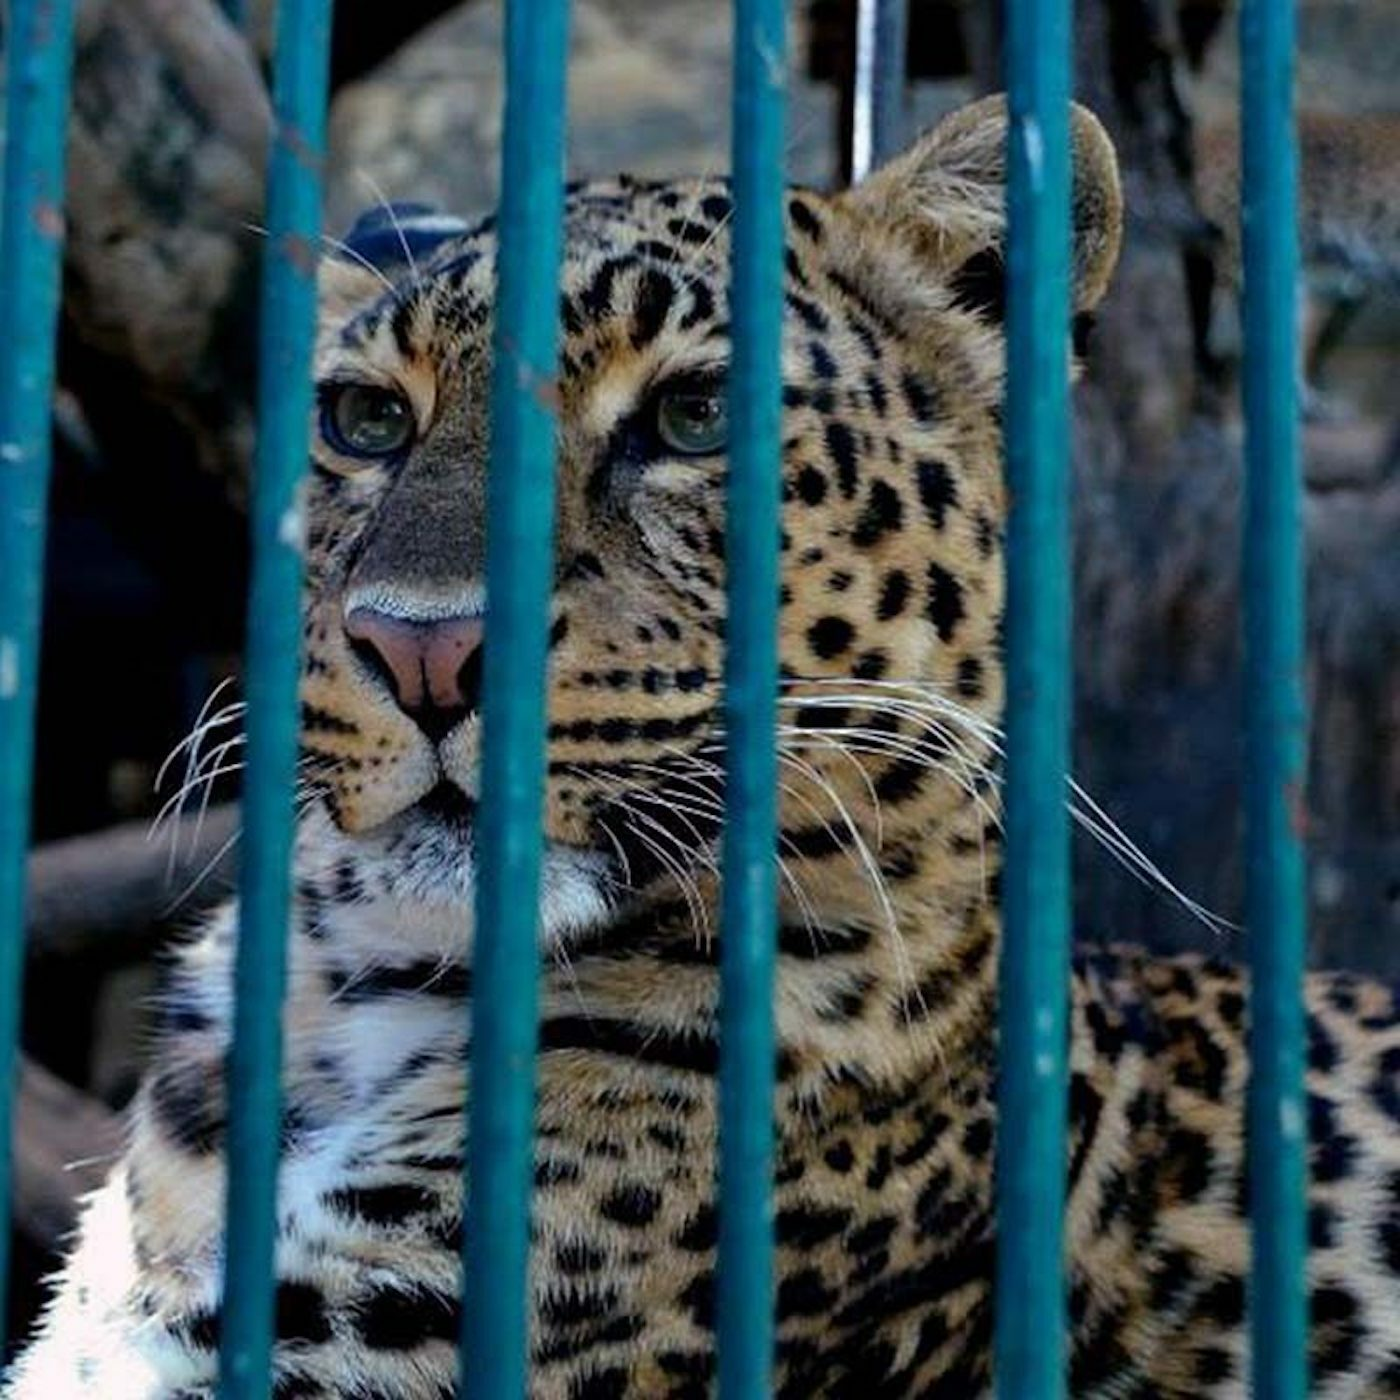 ESCALOFRIANTE ZOOLOGICO CLUB DE LOS ANIMALITOS